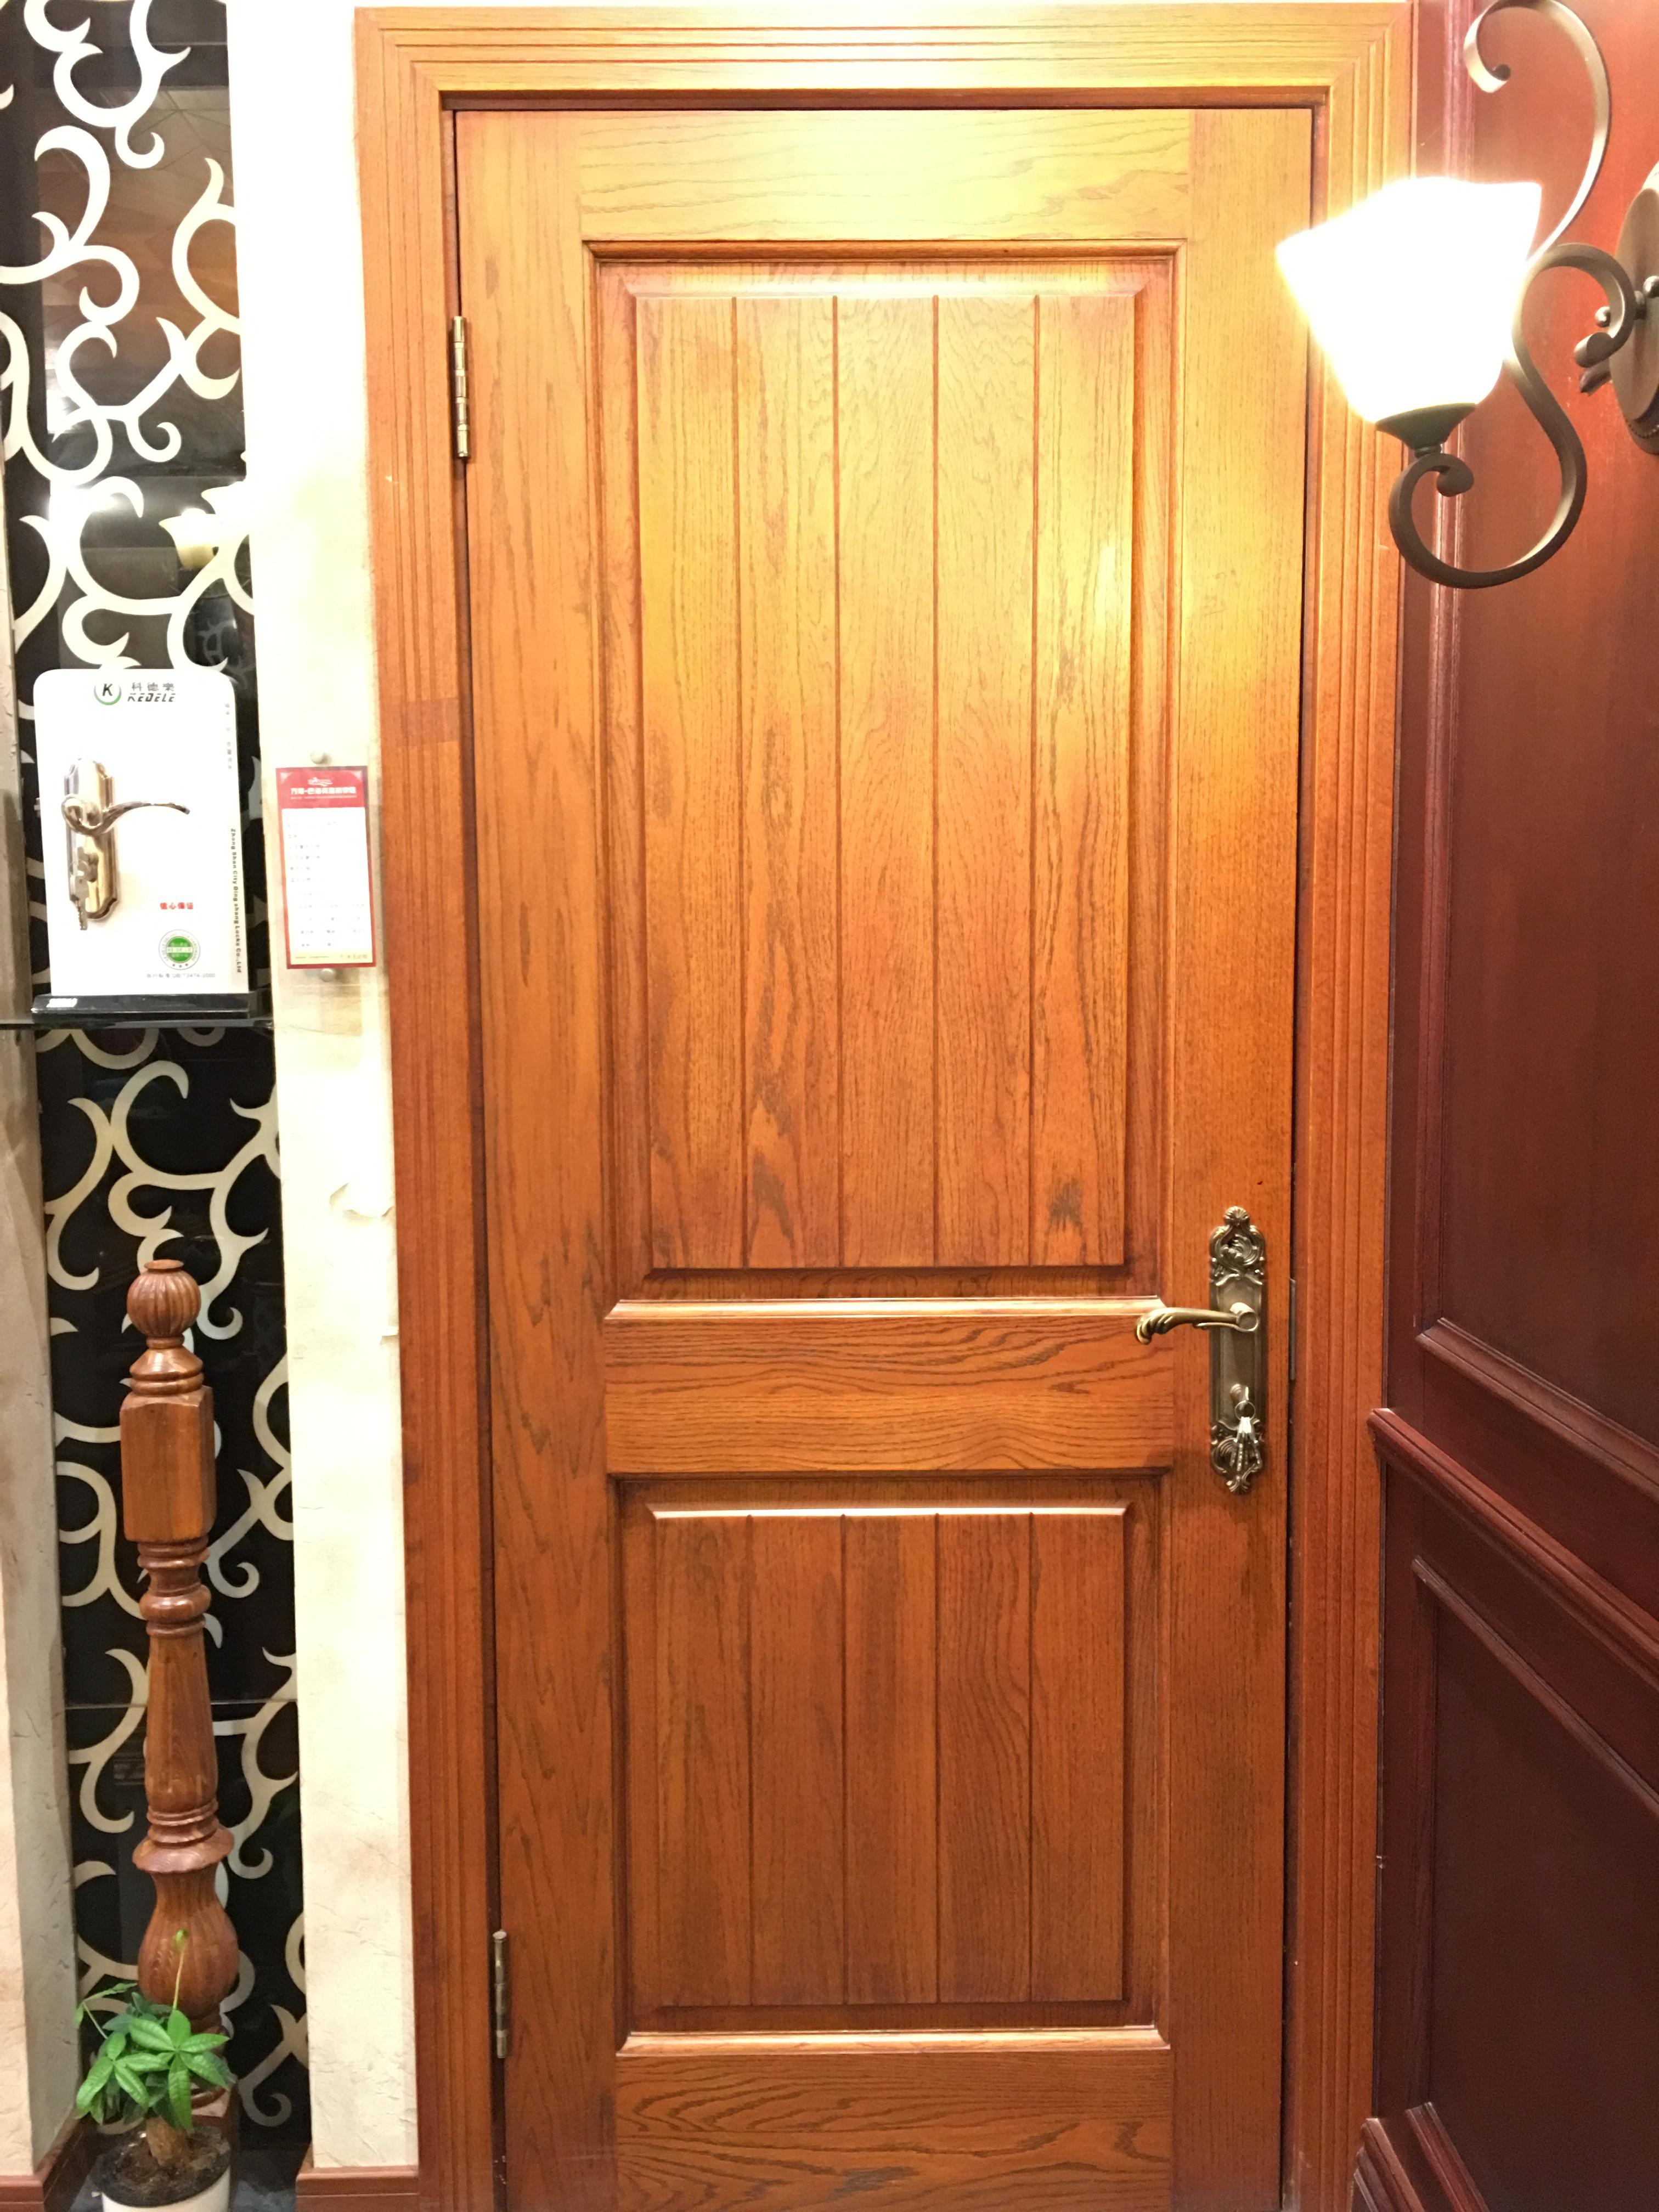 新中式 现代 简约大气款立体感十足卧室木门